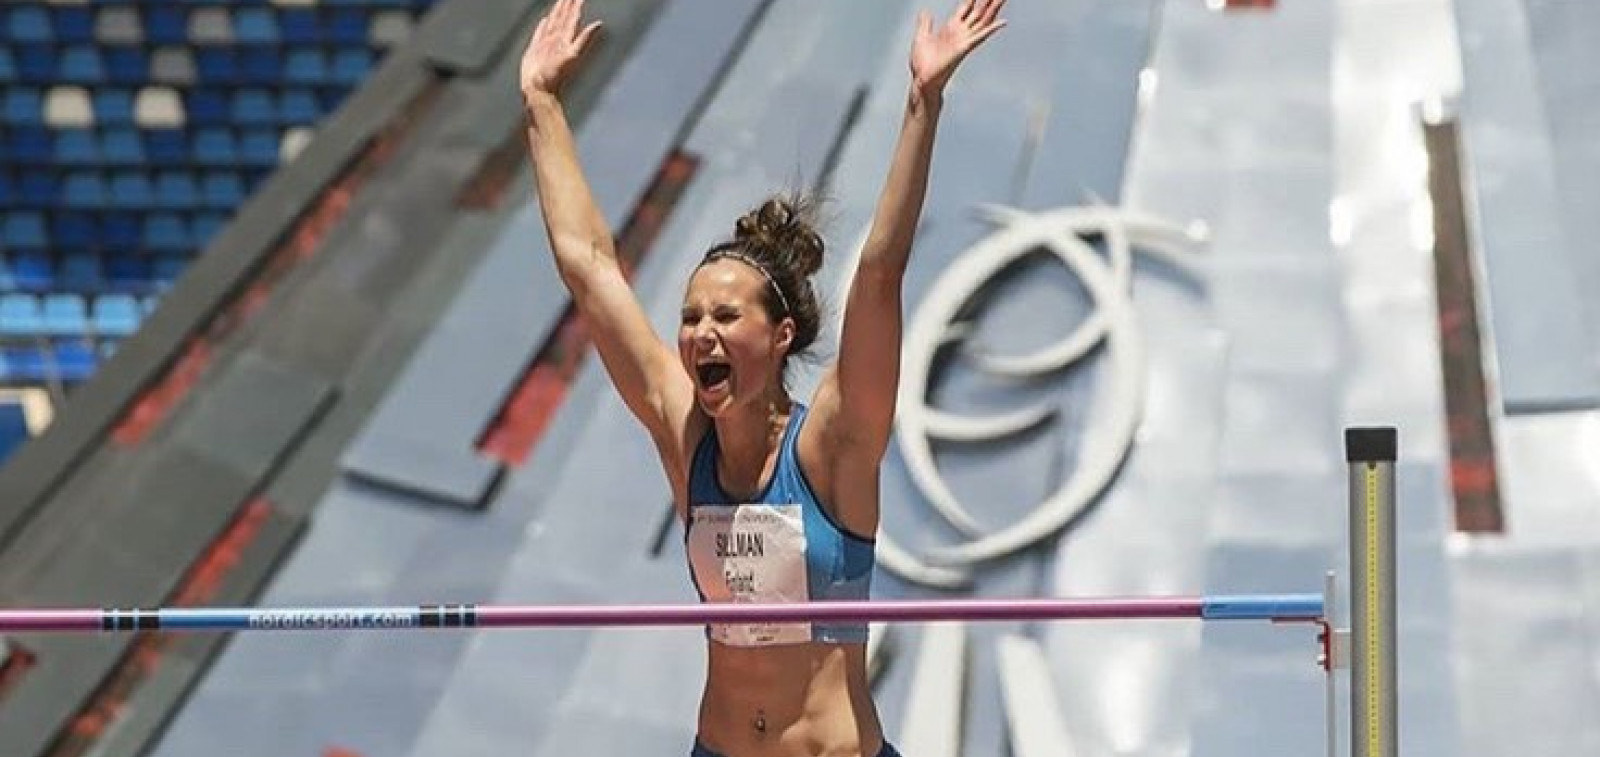 Yleisurheilija Miia Sillman